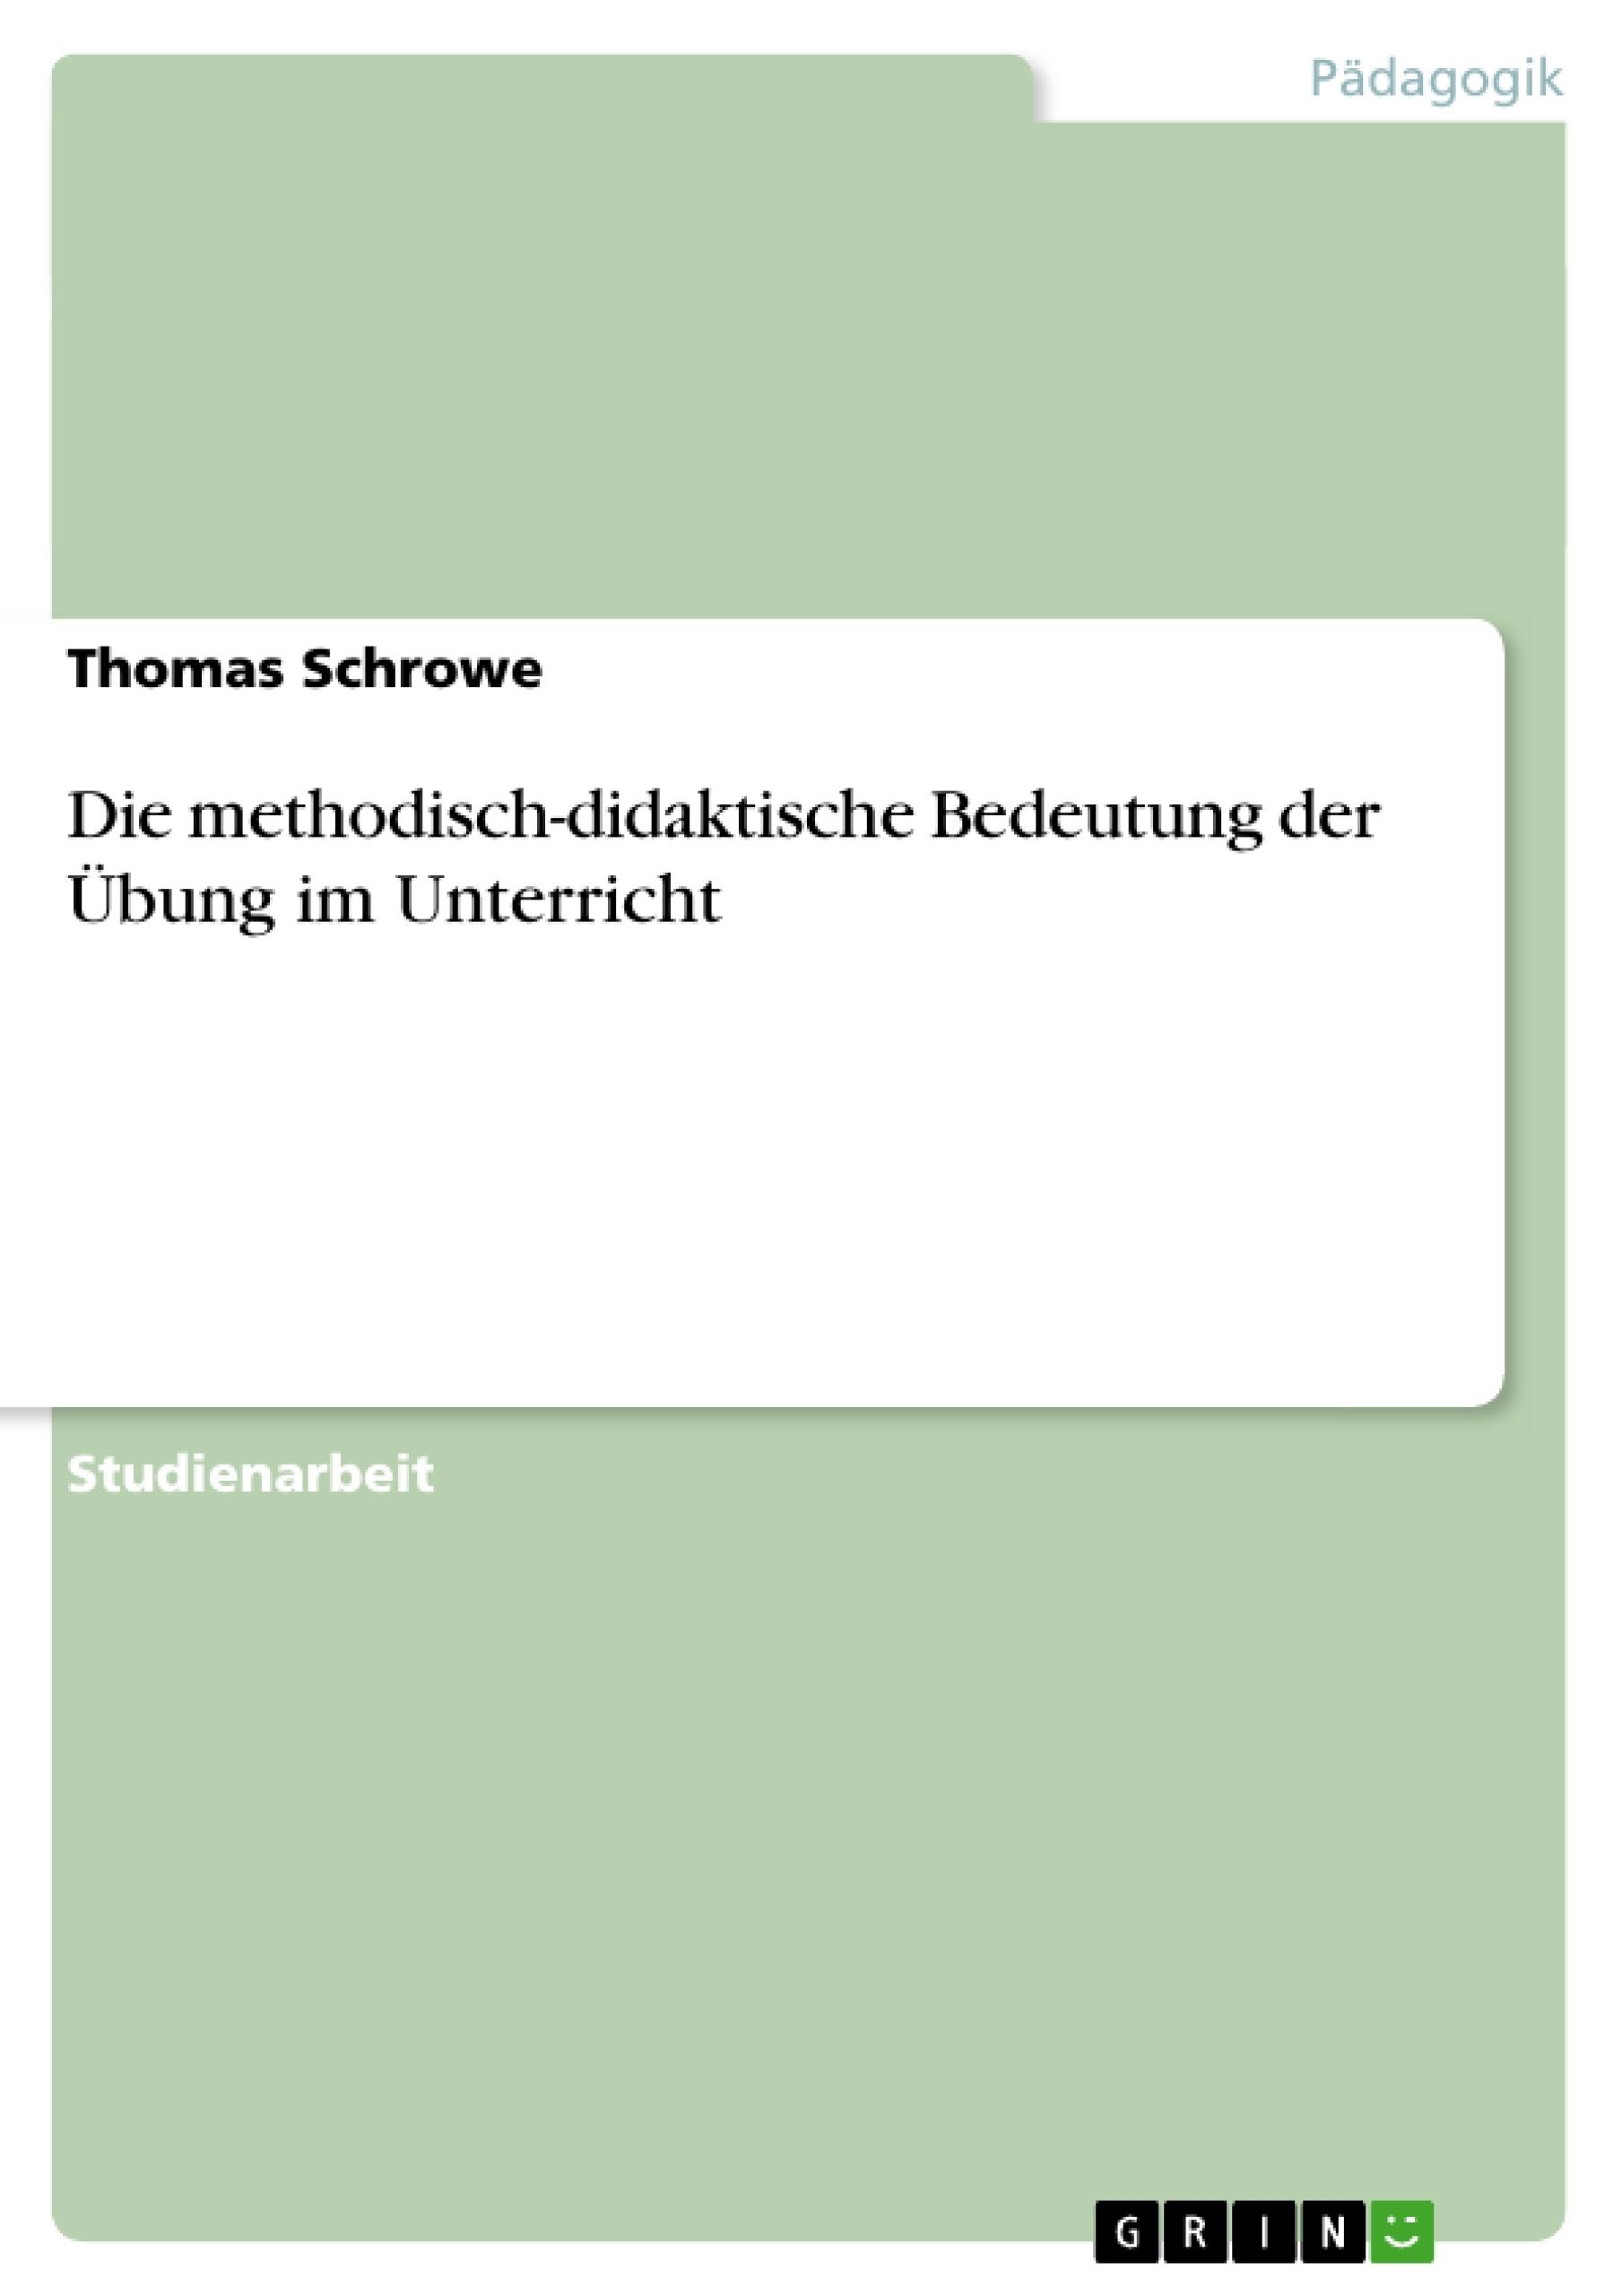 Titel: Die methodisch-didaktische Bedeutung der Übung im Unterricht